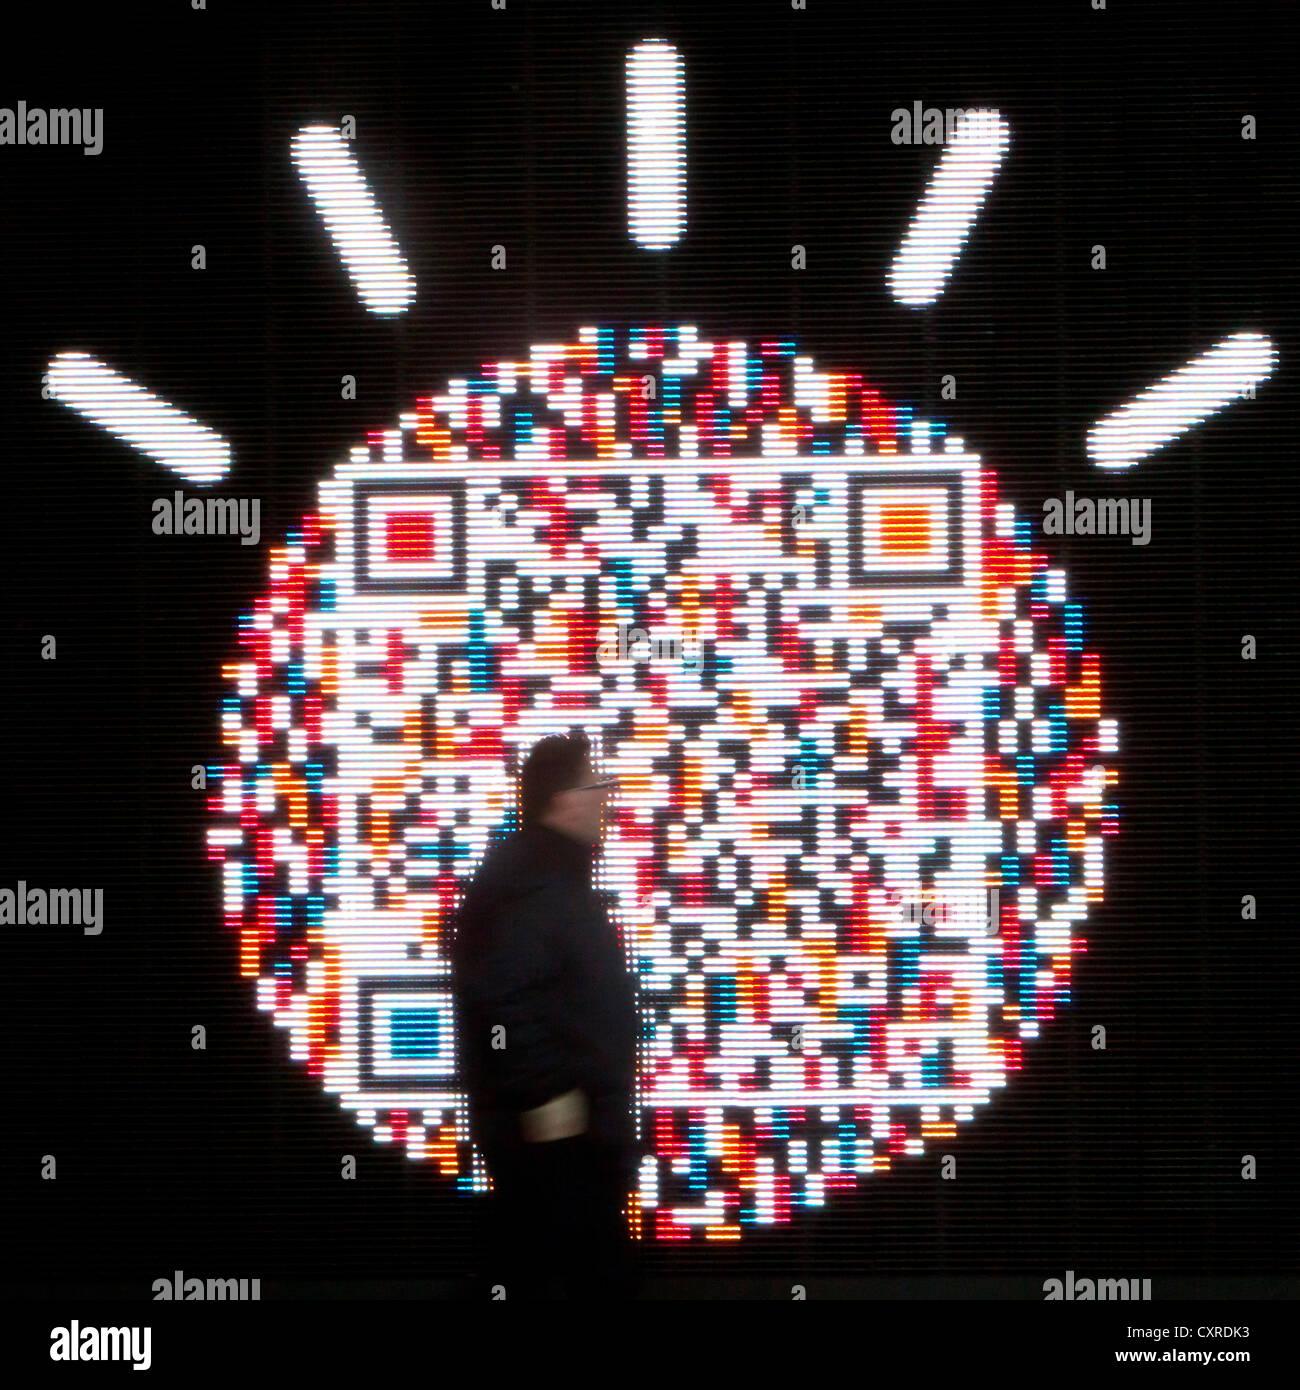 Un QR code, code-barres matriciel, comme objet d'art, exposition d'IBM, une technologie et consulting corporation, Photo Stock